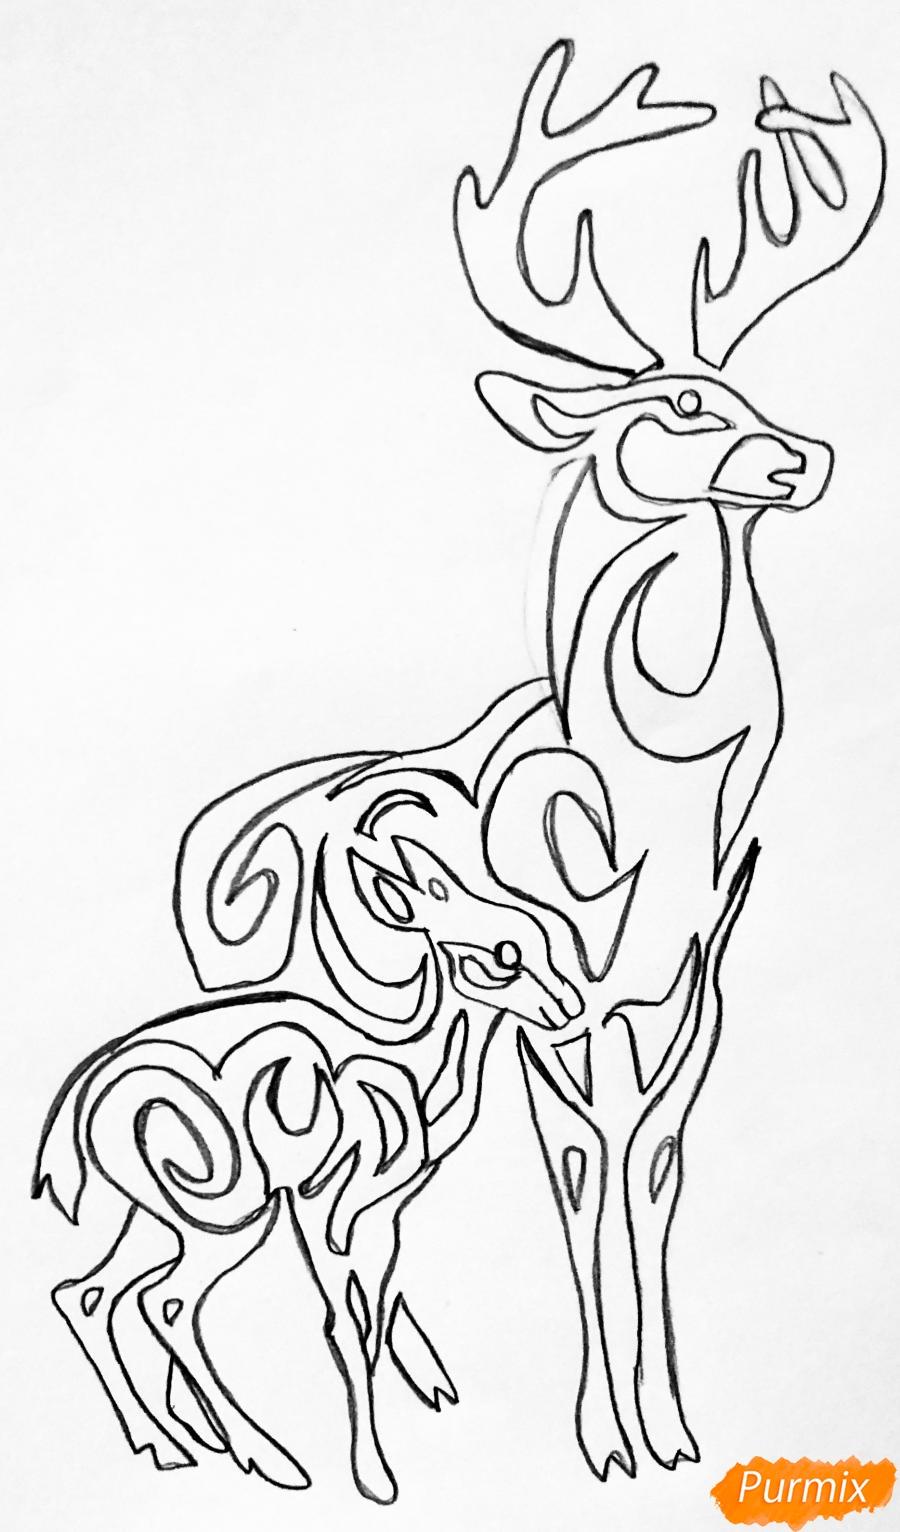 Рисуем оленя и оленёнка в стиле тату - шаг 6